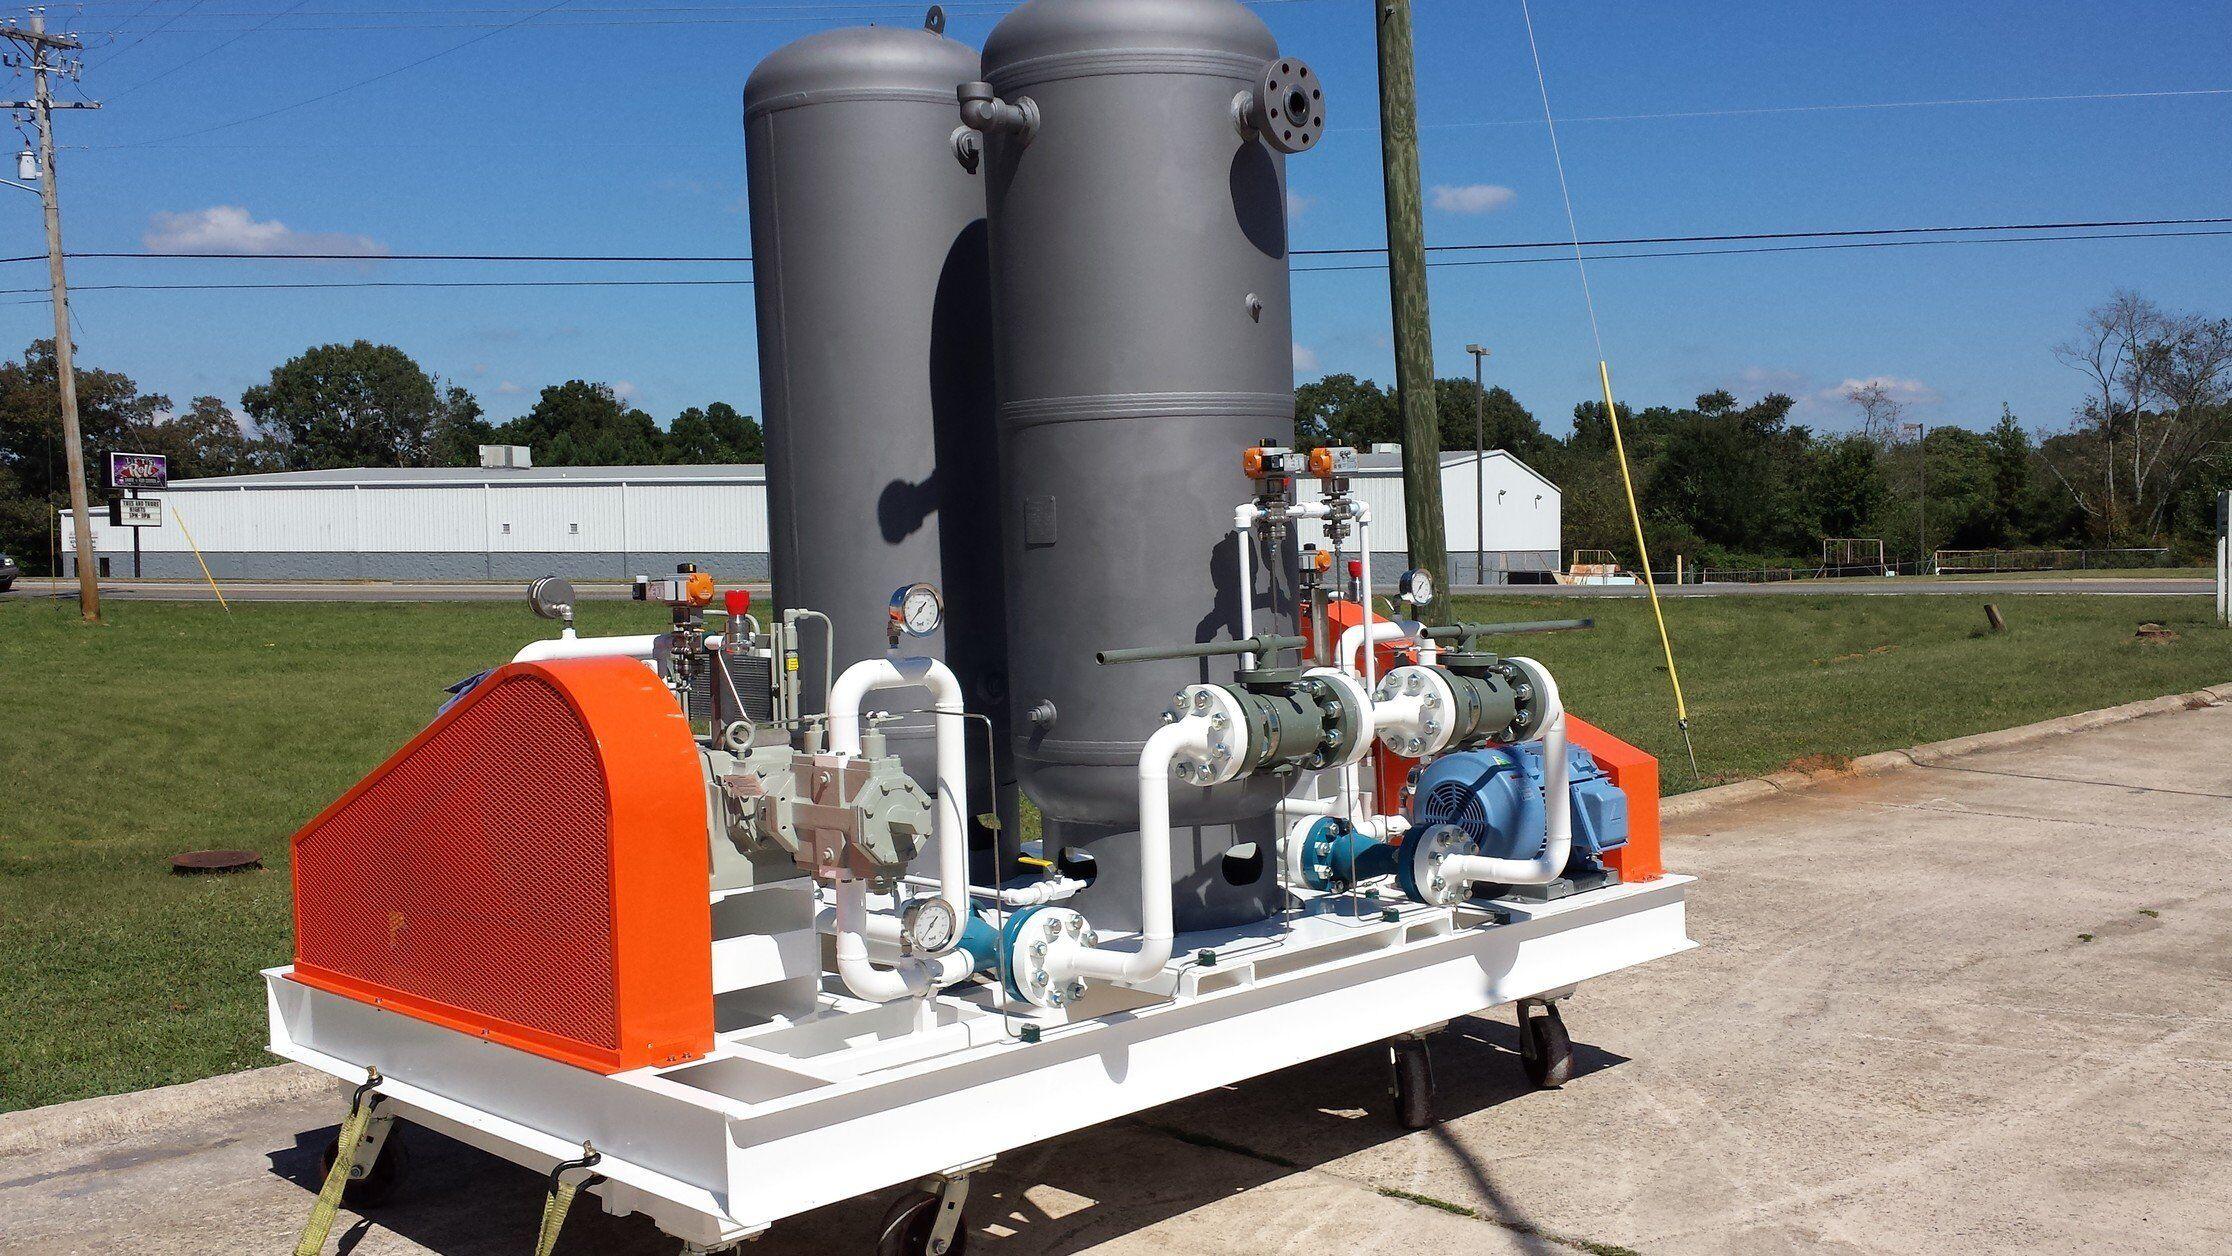 CO2 Booster Compressor Skid for Propylene Reactor - S&S